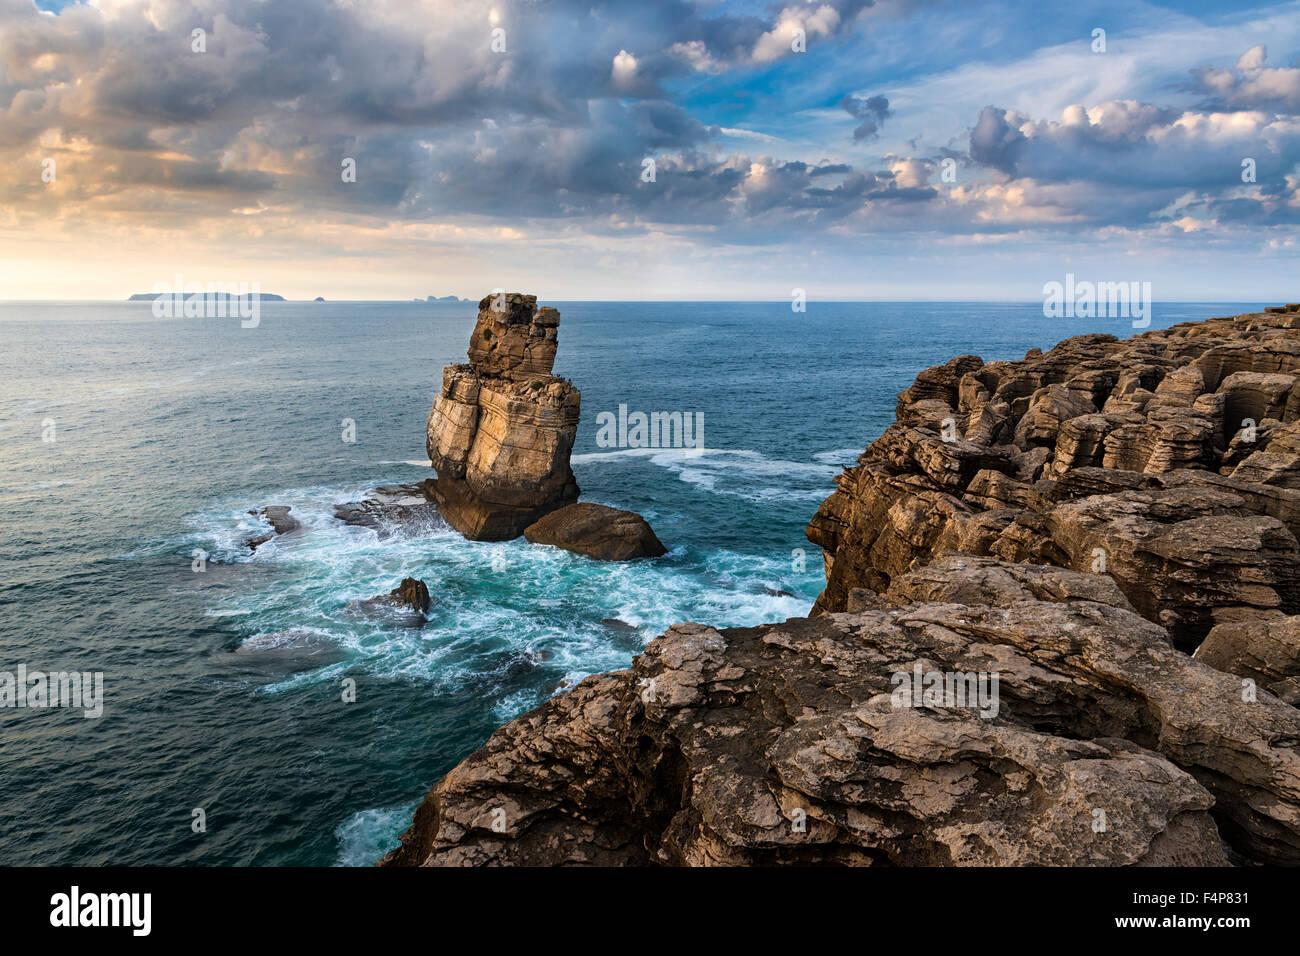 Nau dos Corvos in the Carvoeiro Cape, Peniche, Portugal - Stock Image